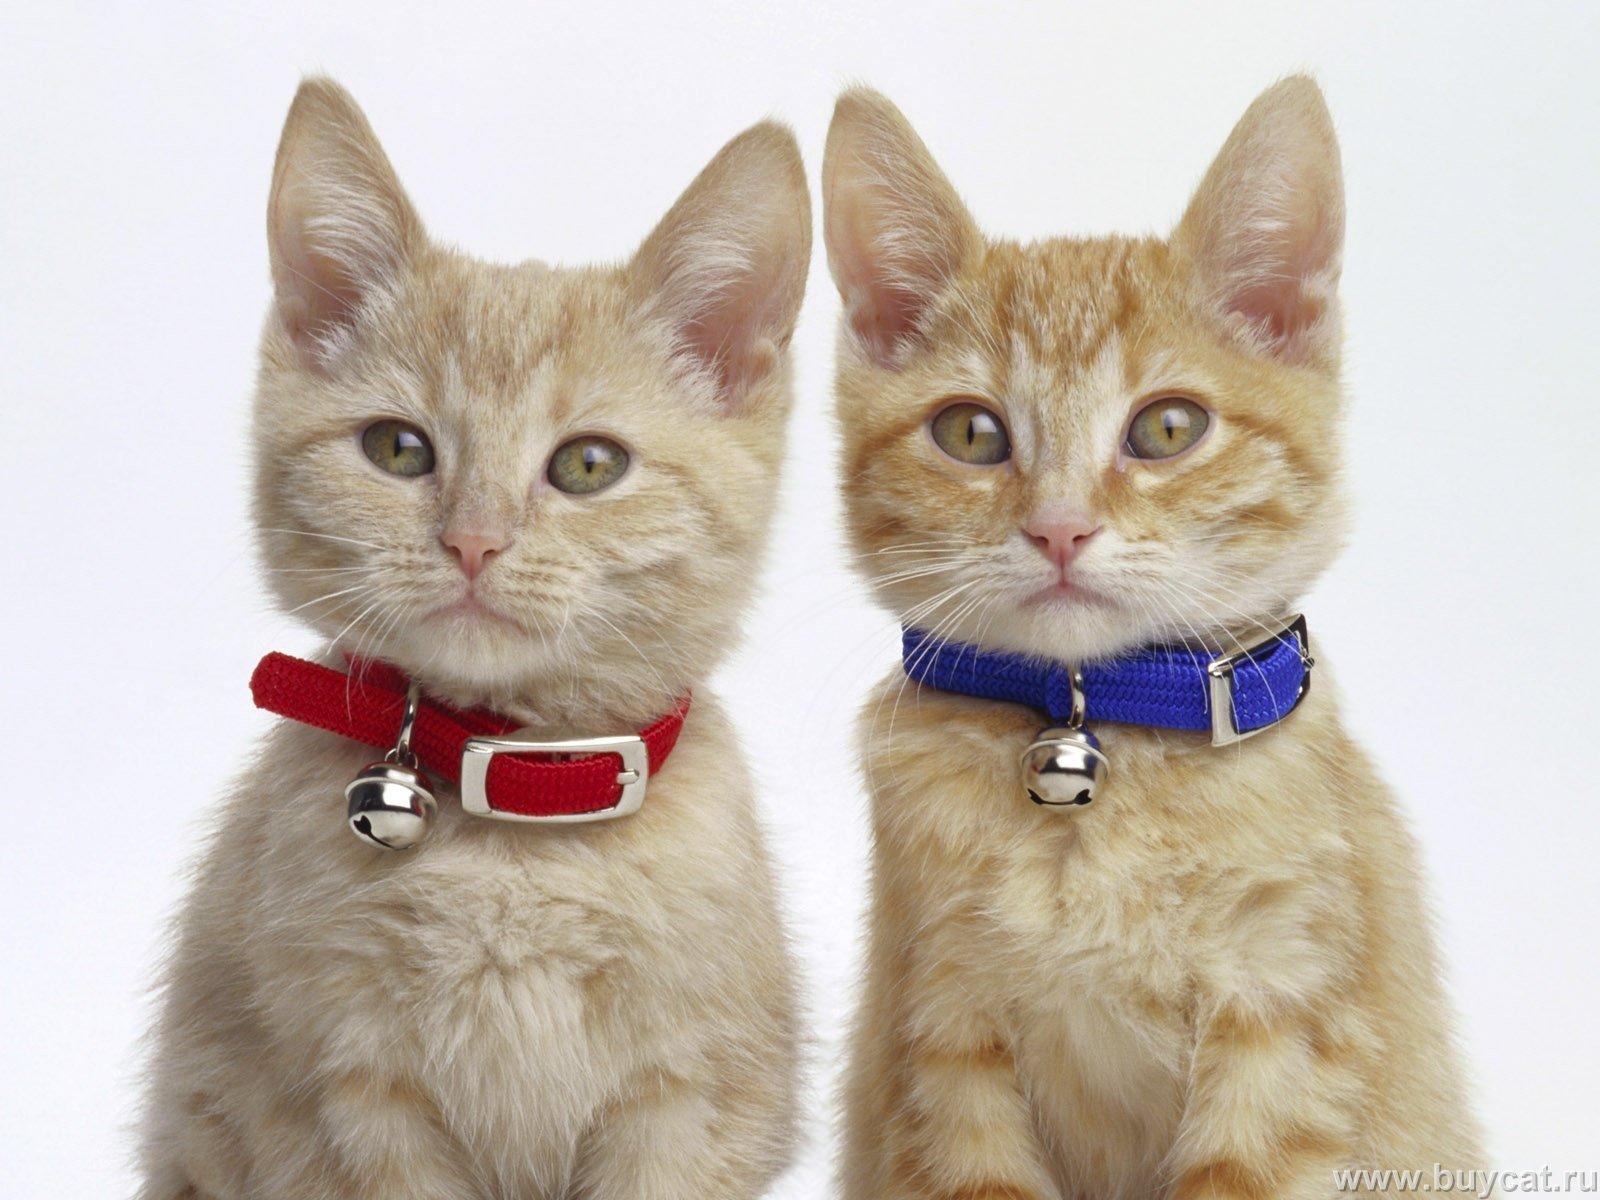 بالصور اجمل الصور للقطط في العالم , احلي صور قطط 6581 7